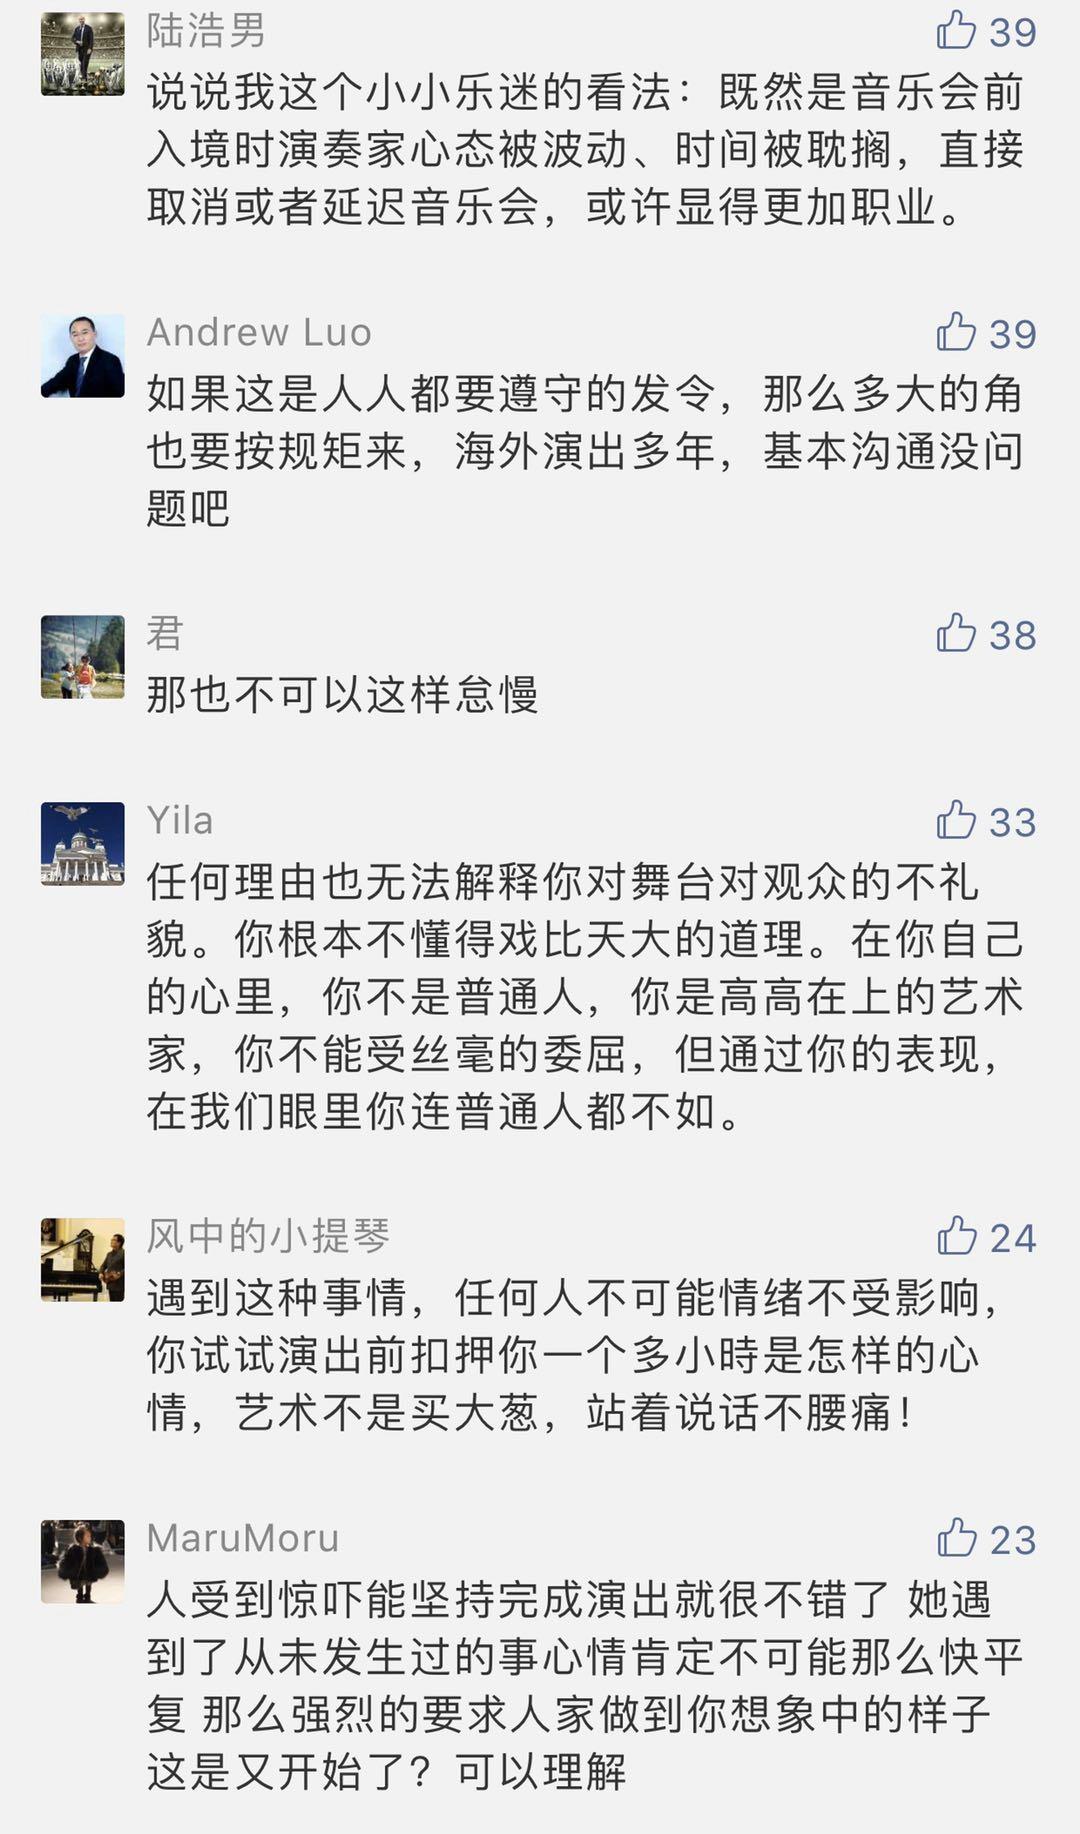 华人钢琴家王羽佳入境加拿大被扣押一小时,音乐会上戴墨镜掩盖双眼